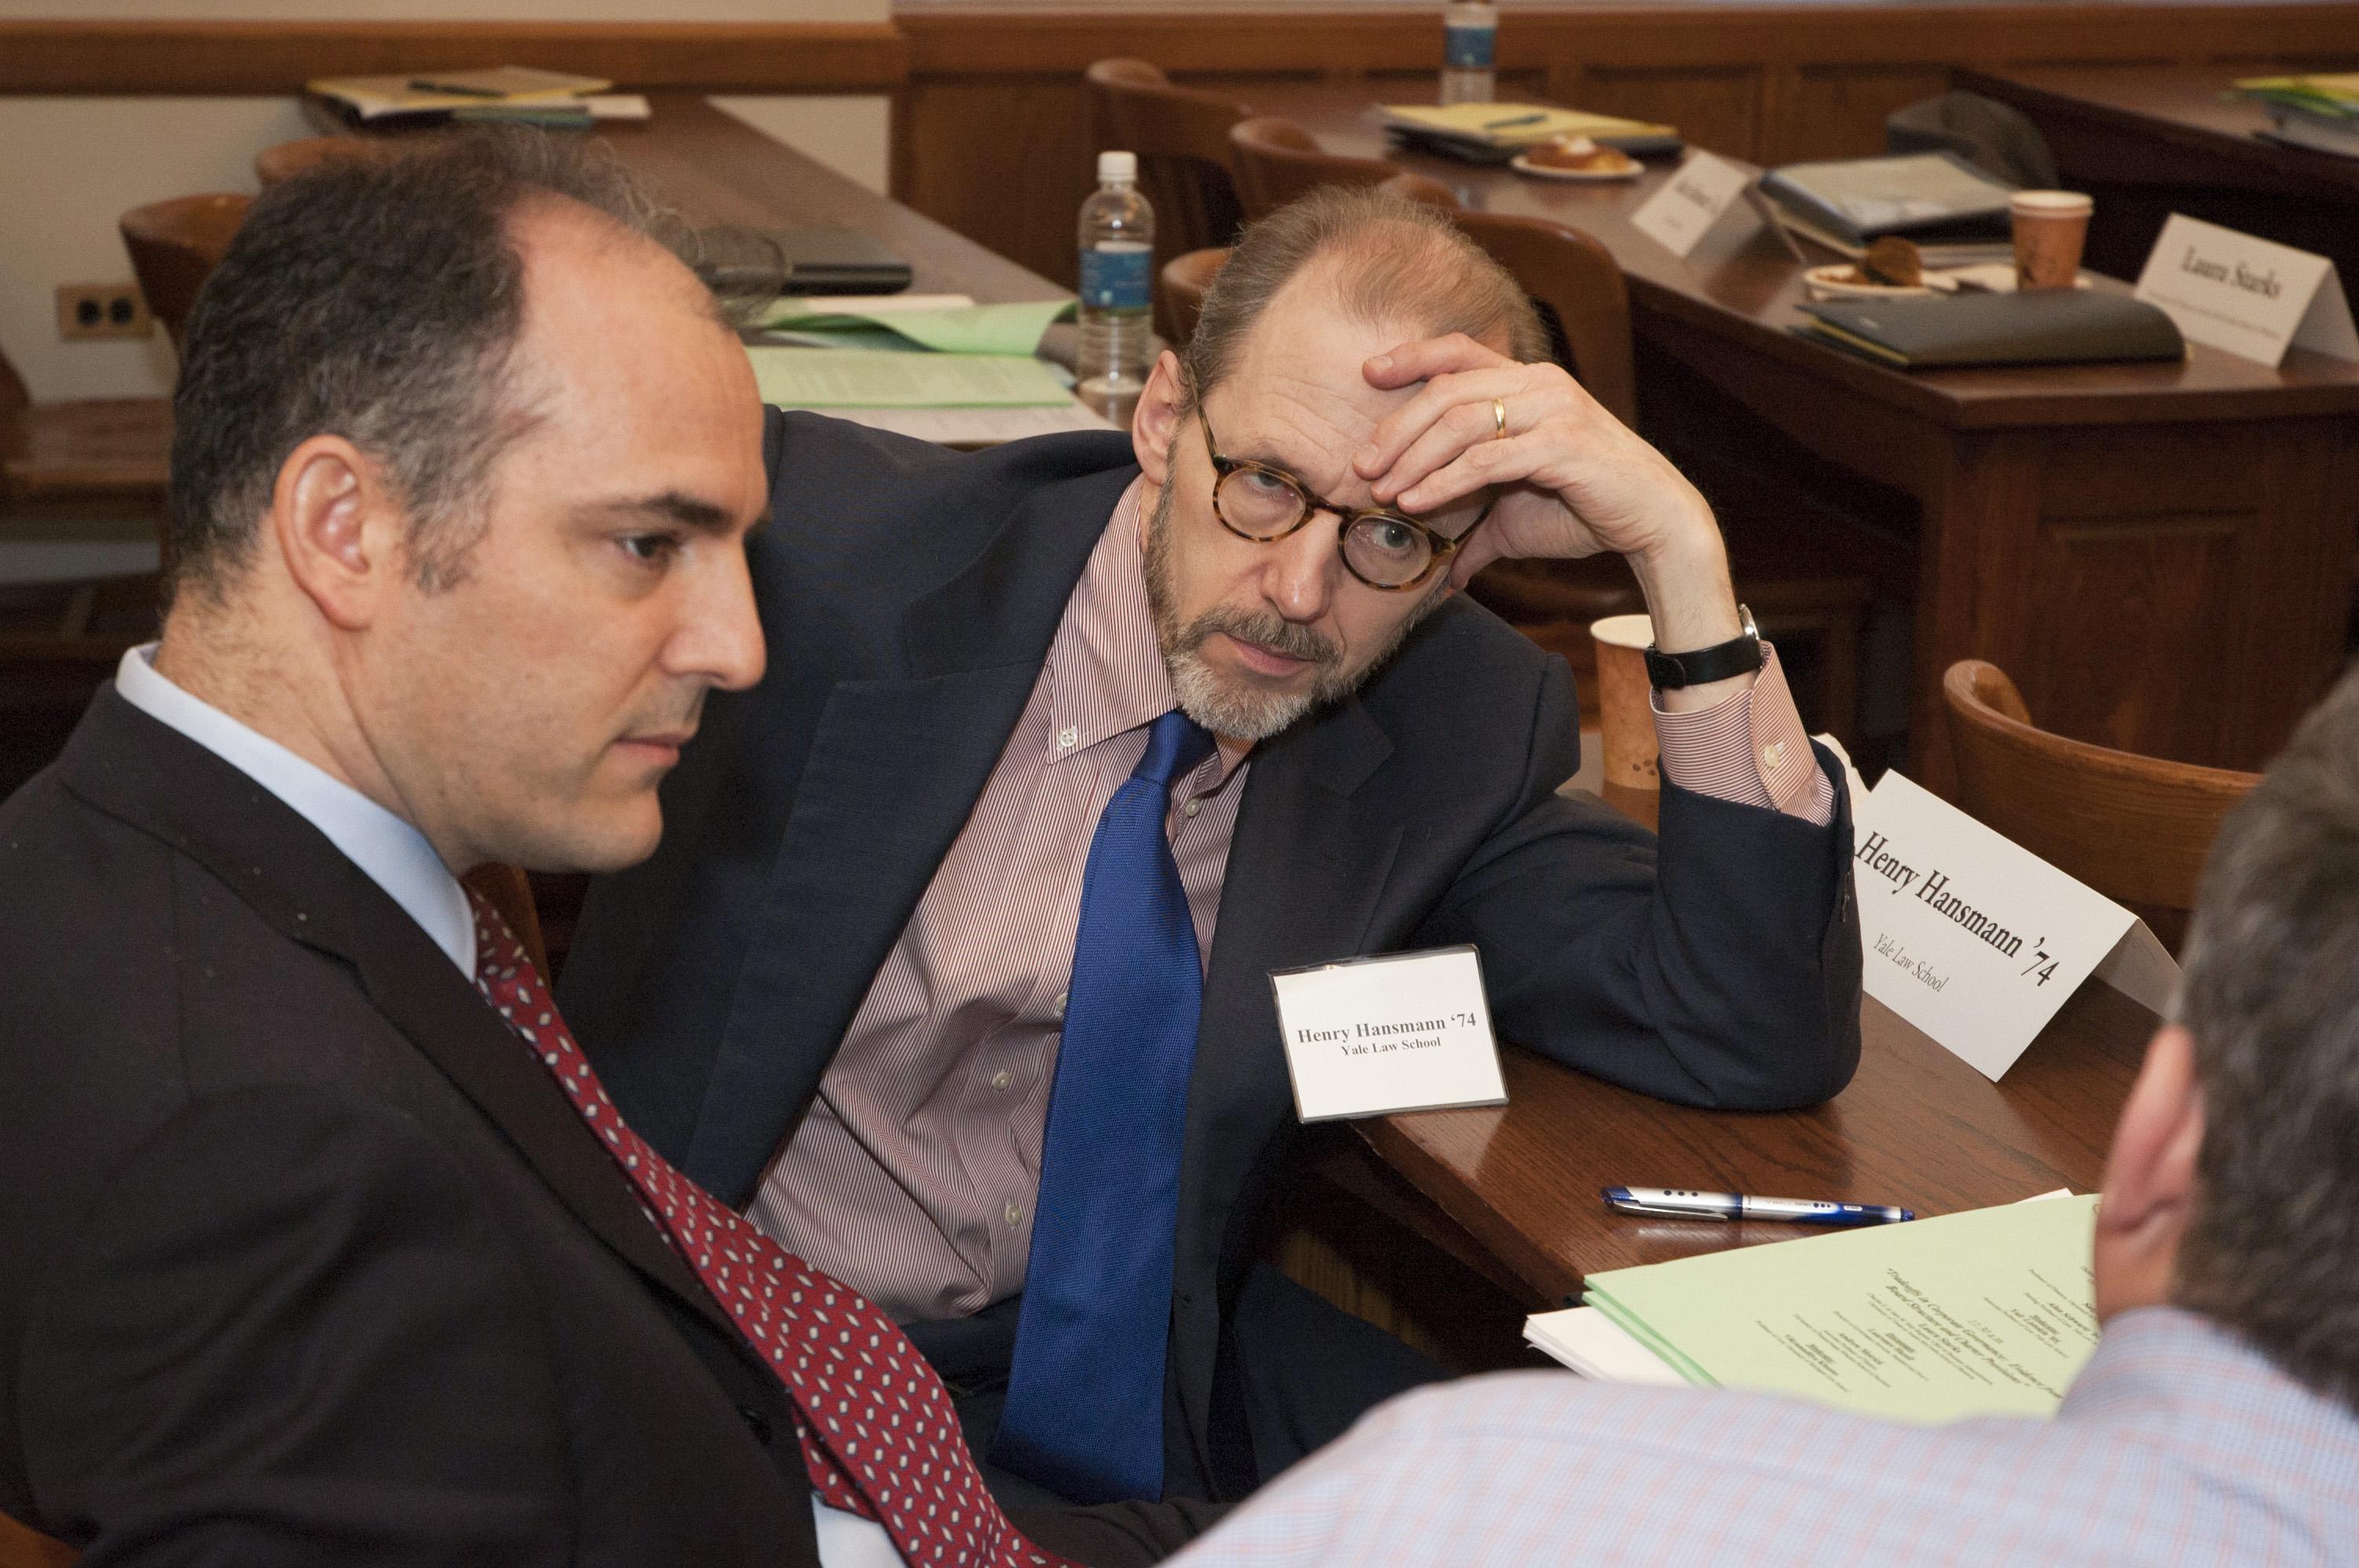 USC Law Prof. Ehud Kamar and YLS Prof. Henry Hansmann '74